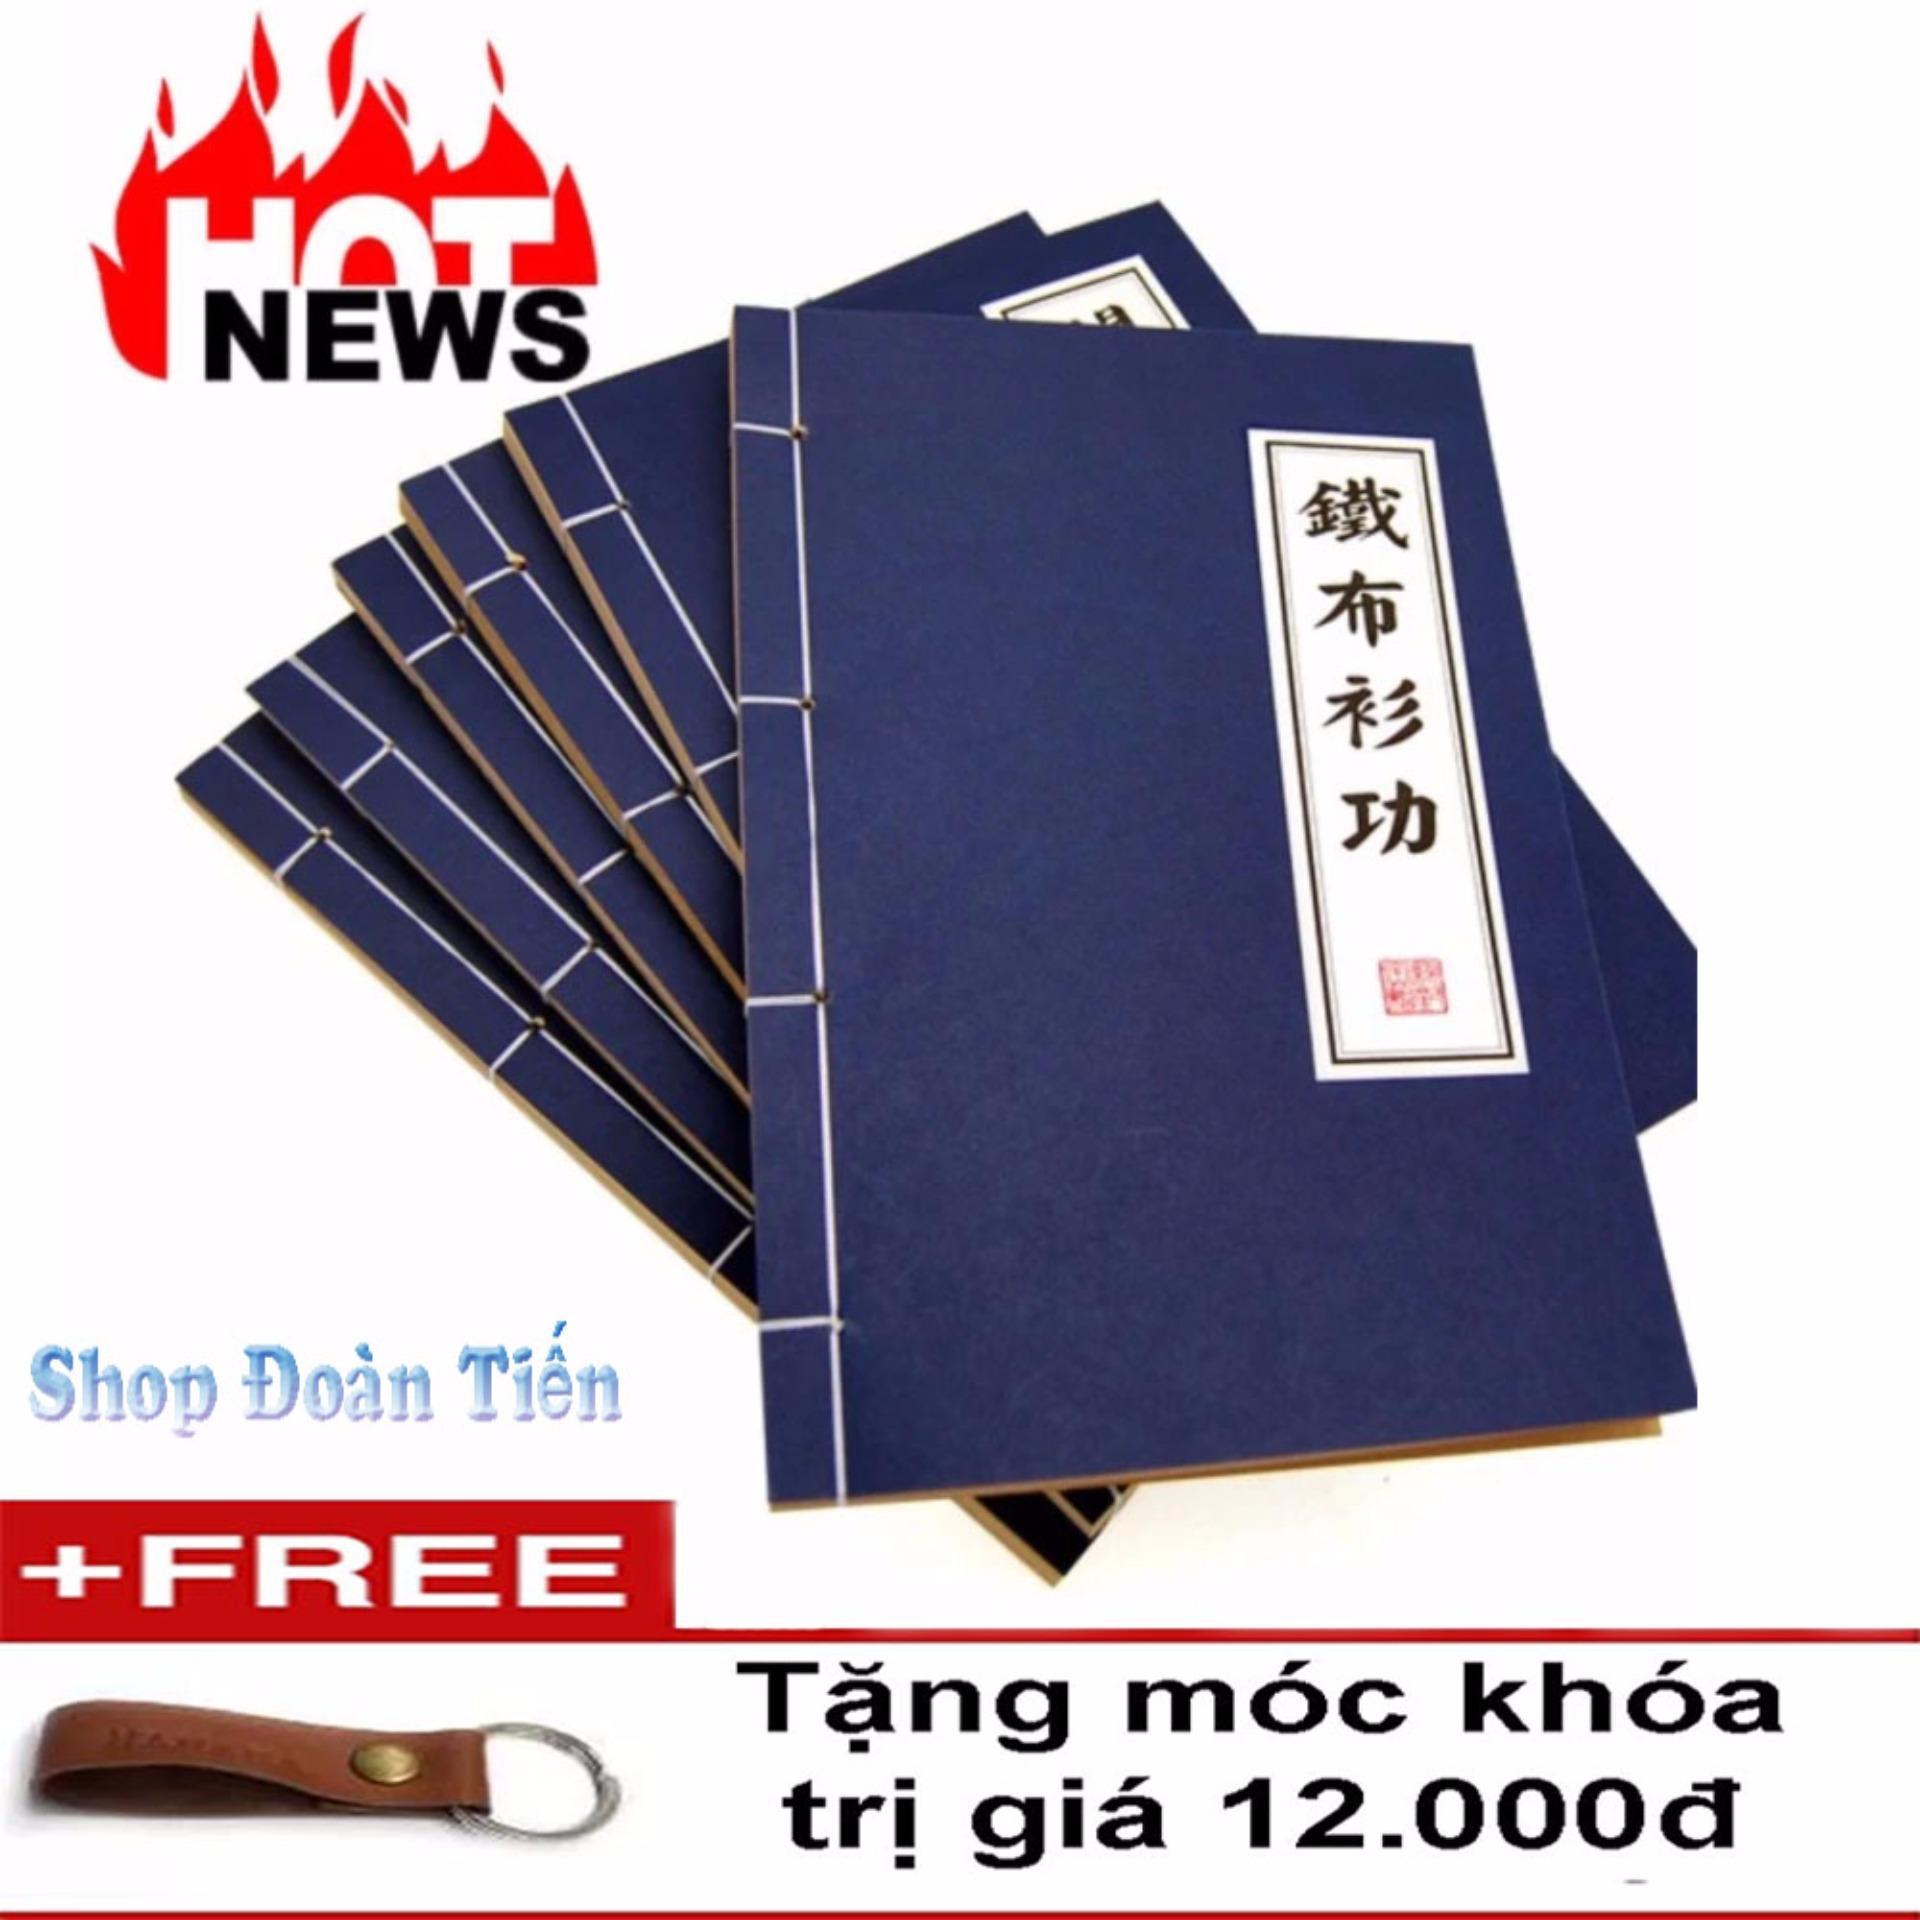 Báo Giá Combo 2 Quyển vở sổ tay cửu âm chân kinh ghi chú bí kíp võ công(tặng móc)